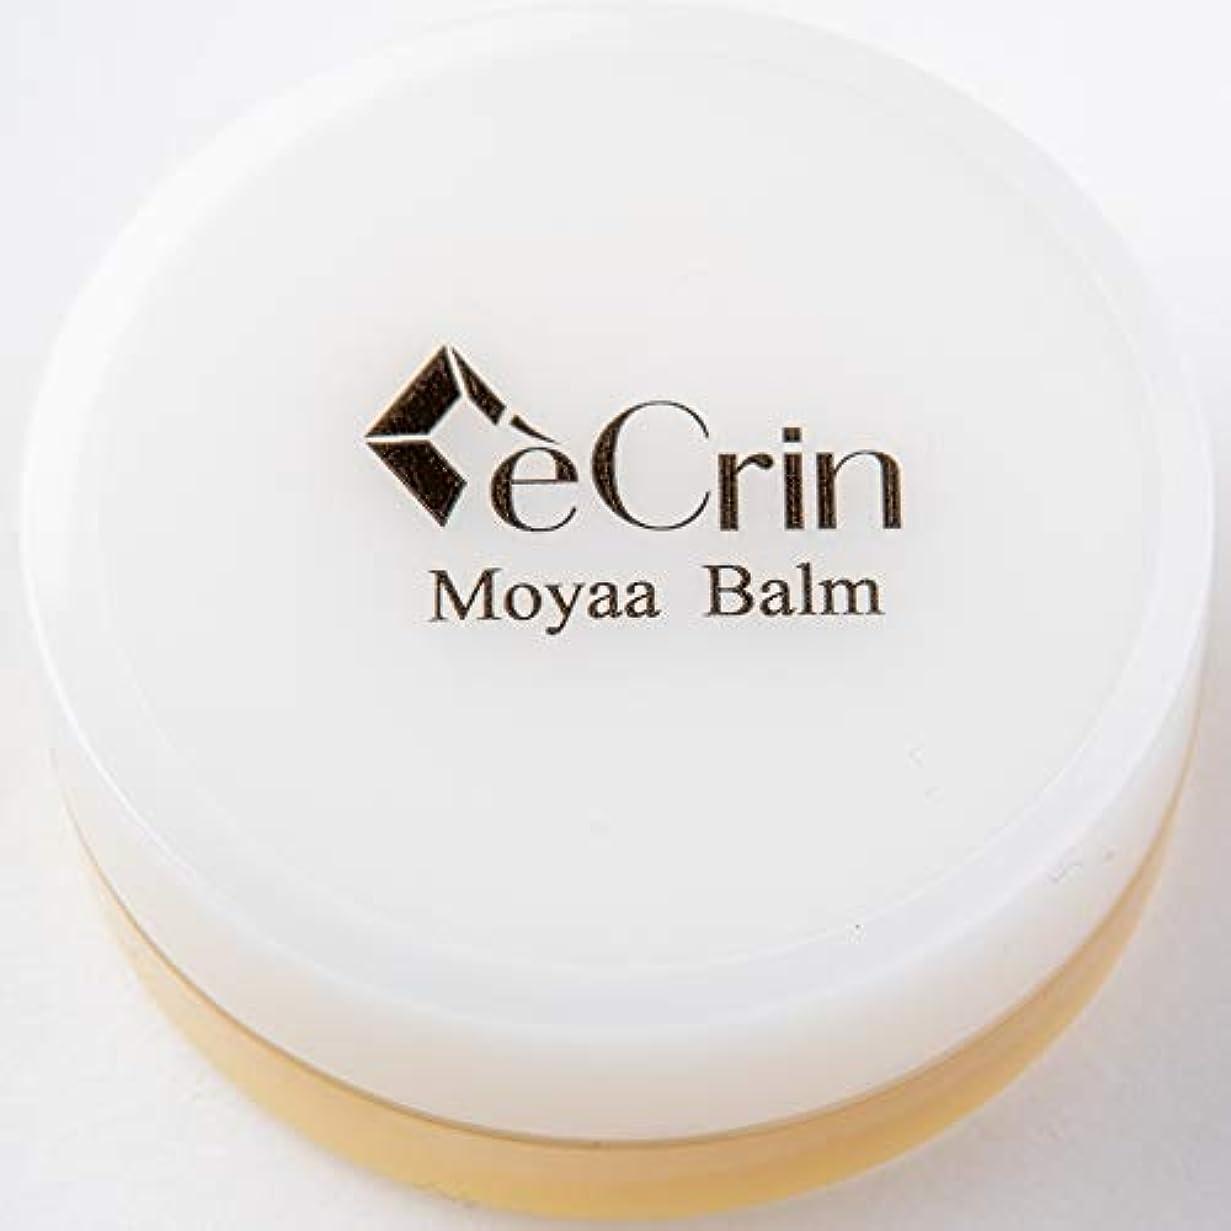 受け入れた導入するステンレスMoyaa Balm (モーヤバーム)天然成分のみで仕上げたシアバター white 無添加 天然成分100%